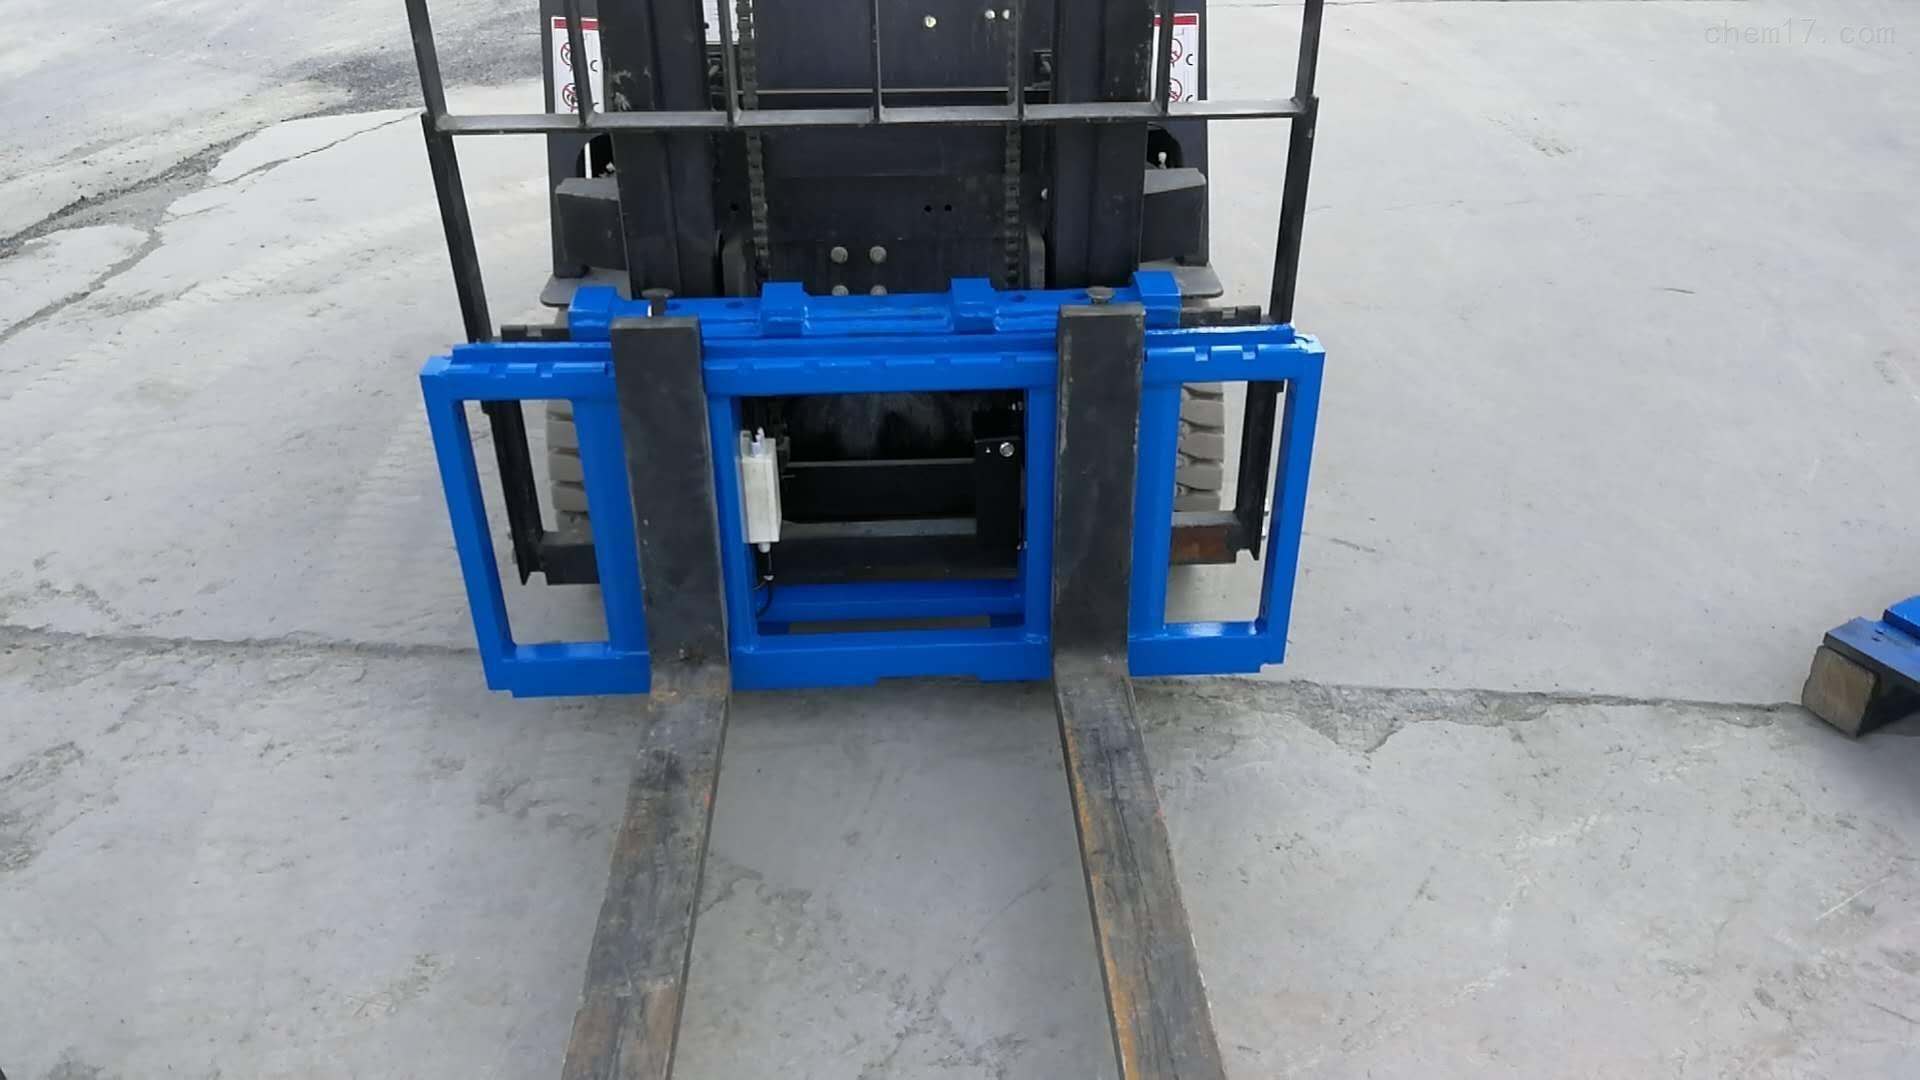 林德叉车改装高精度电子秤及加装称重系统